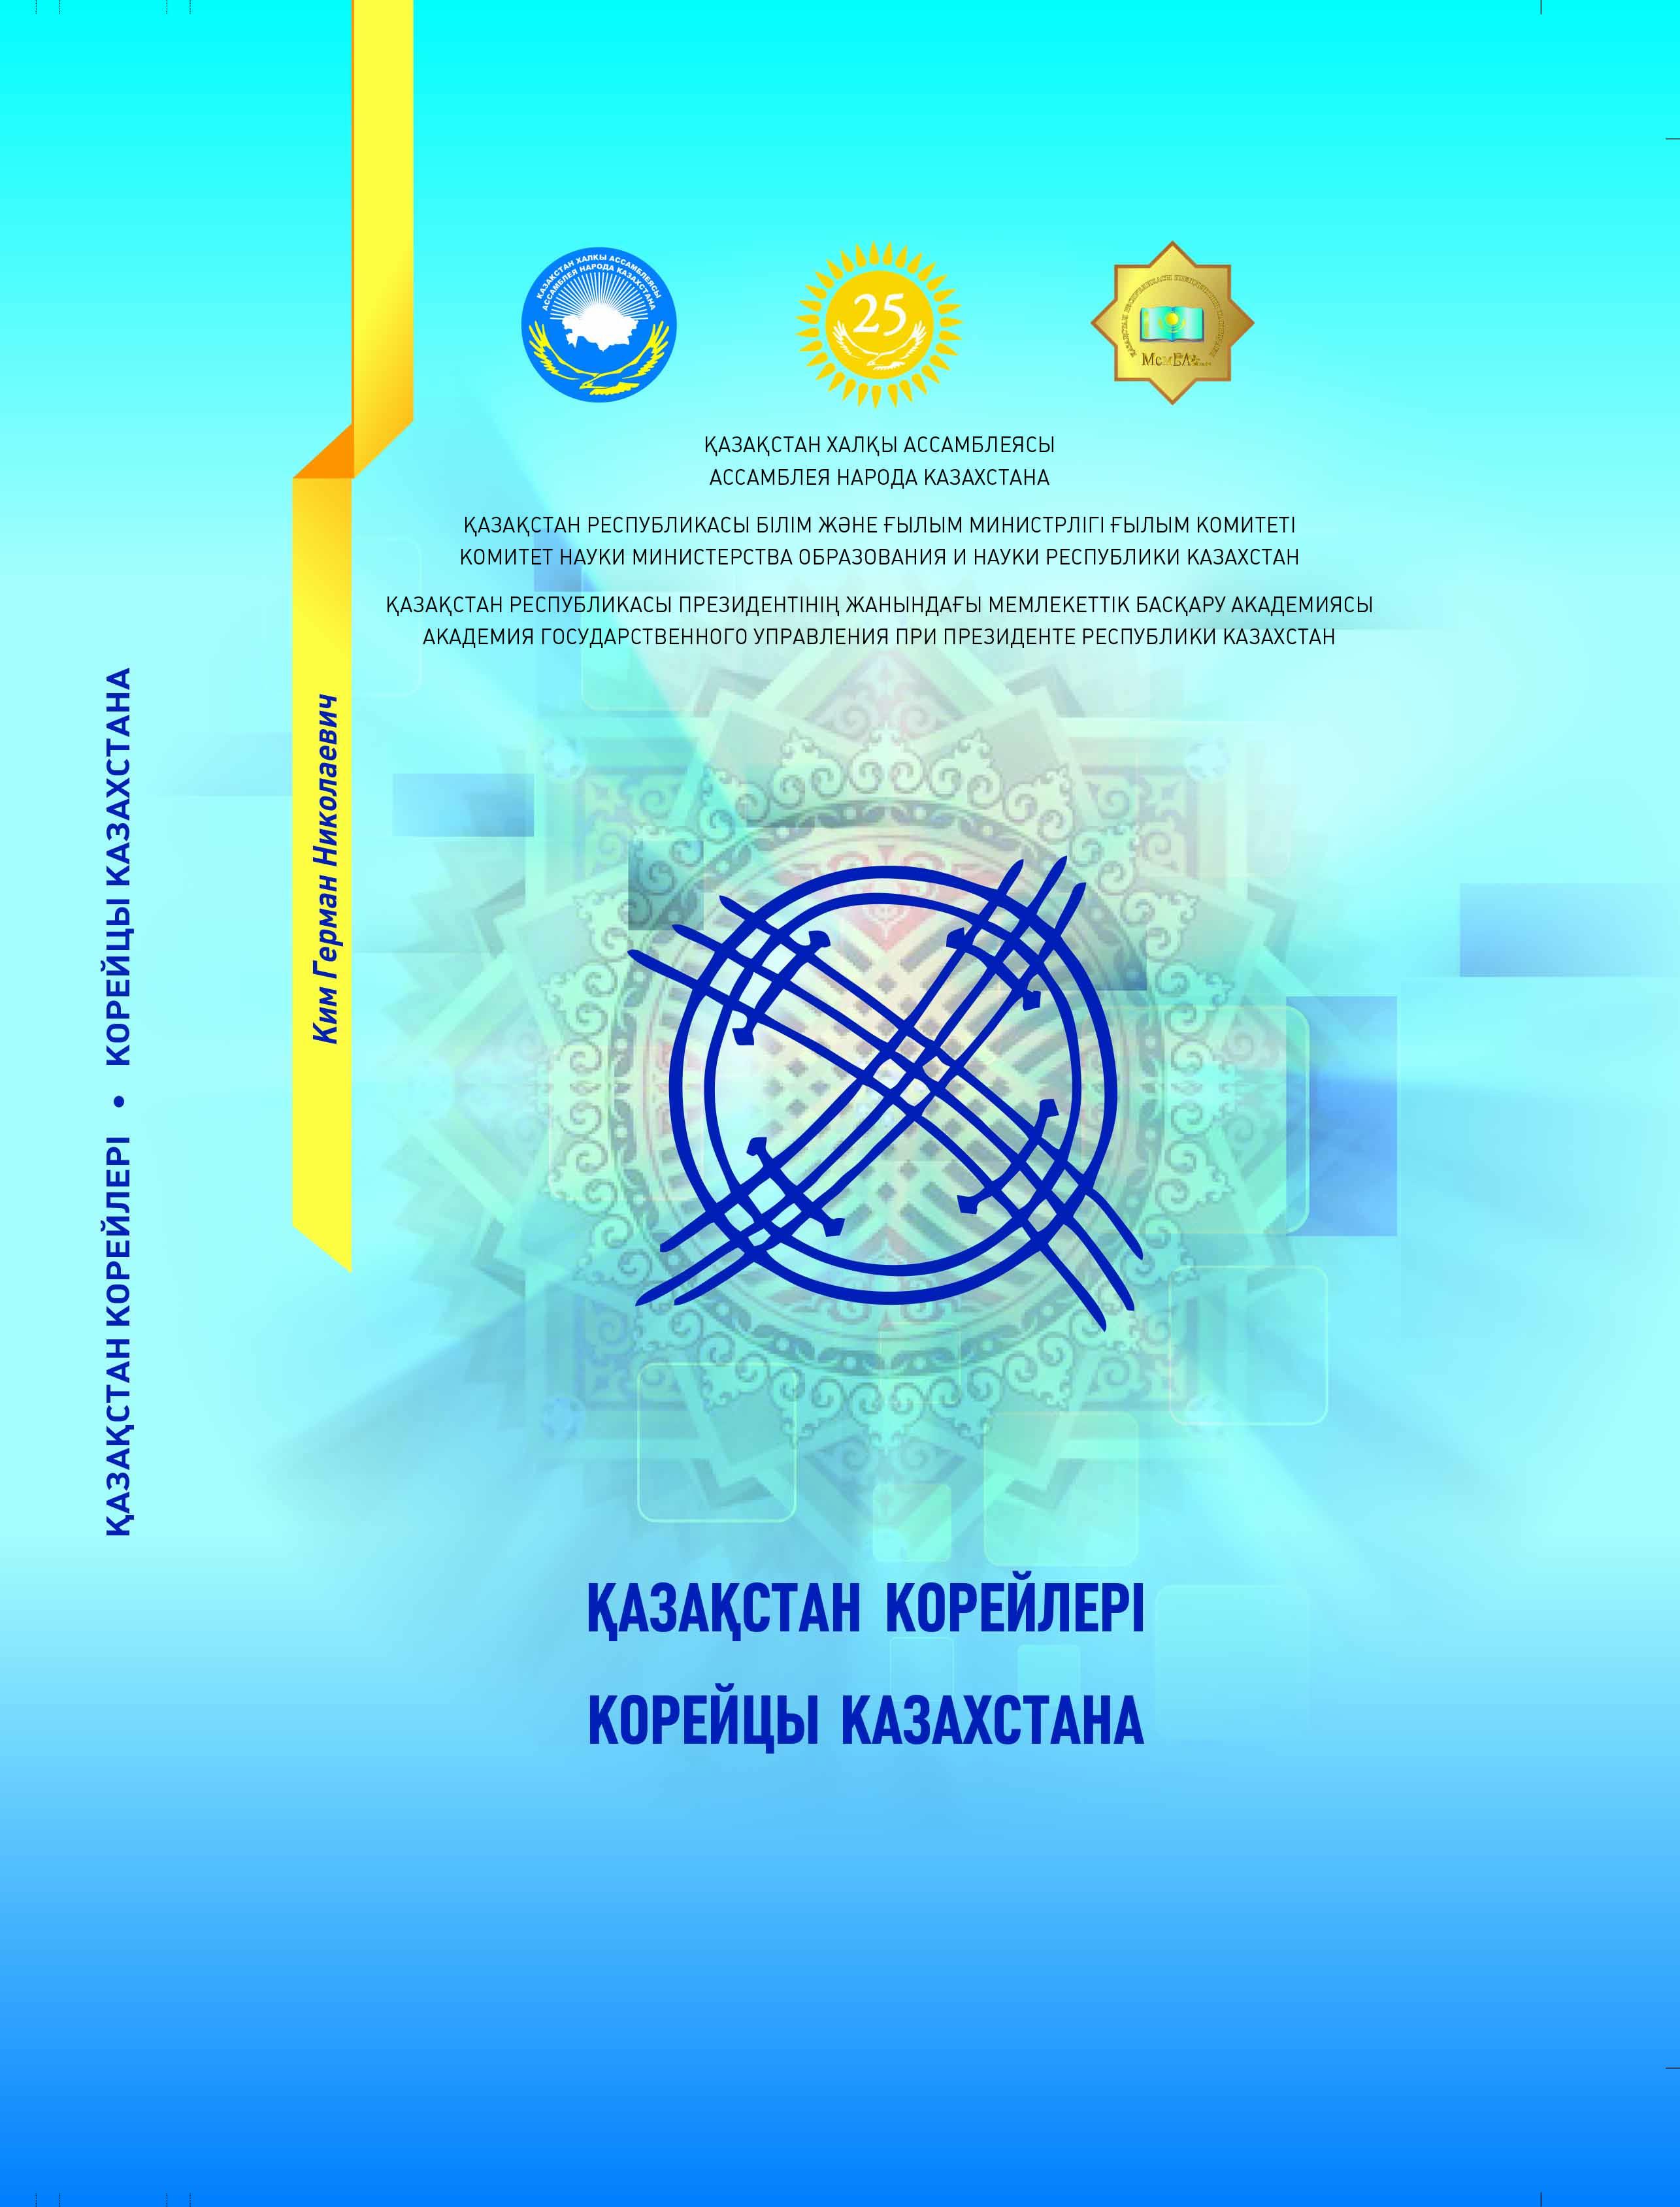 Исследование о корейцах Казахстана.jpg